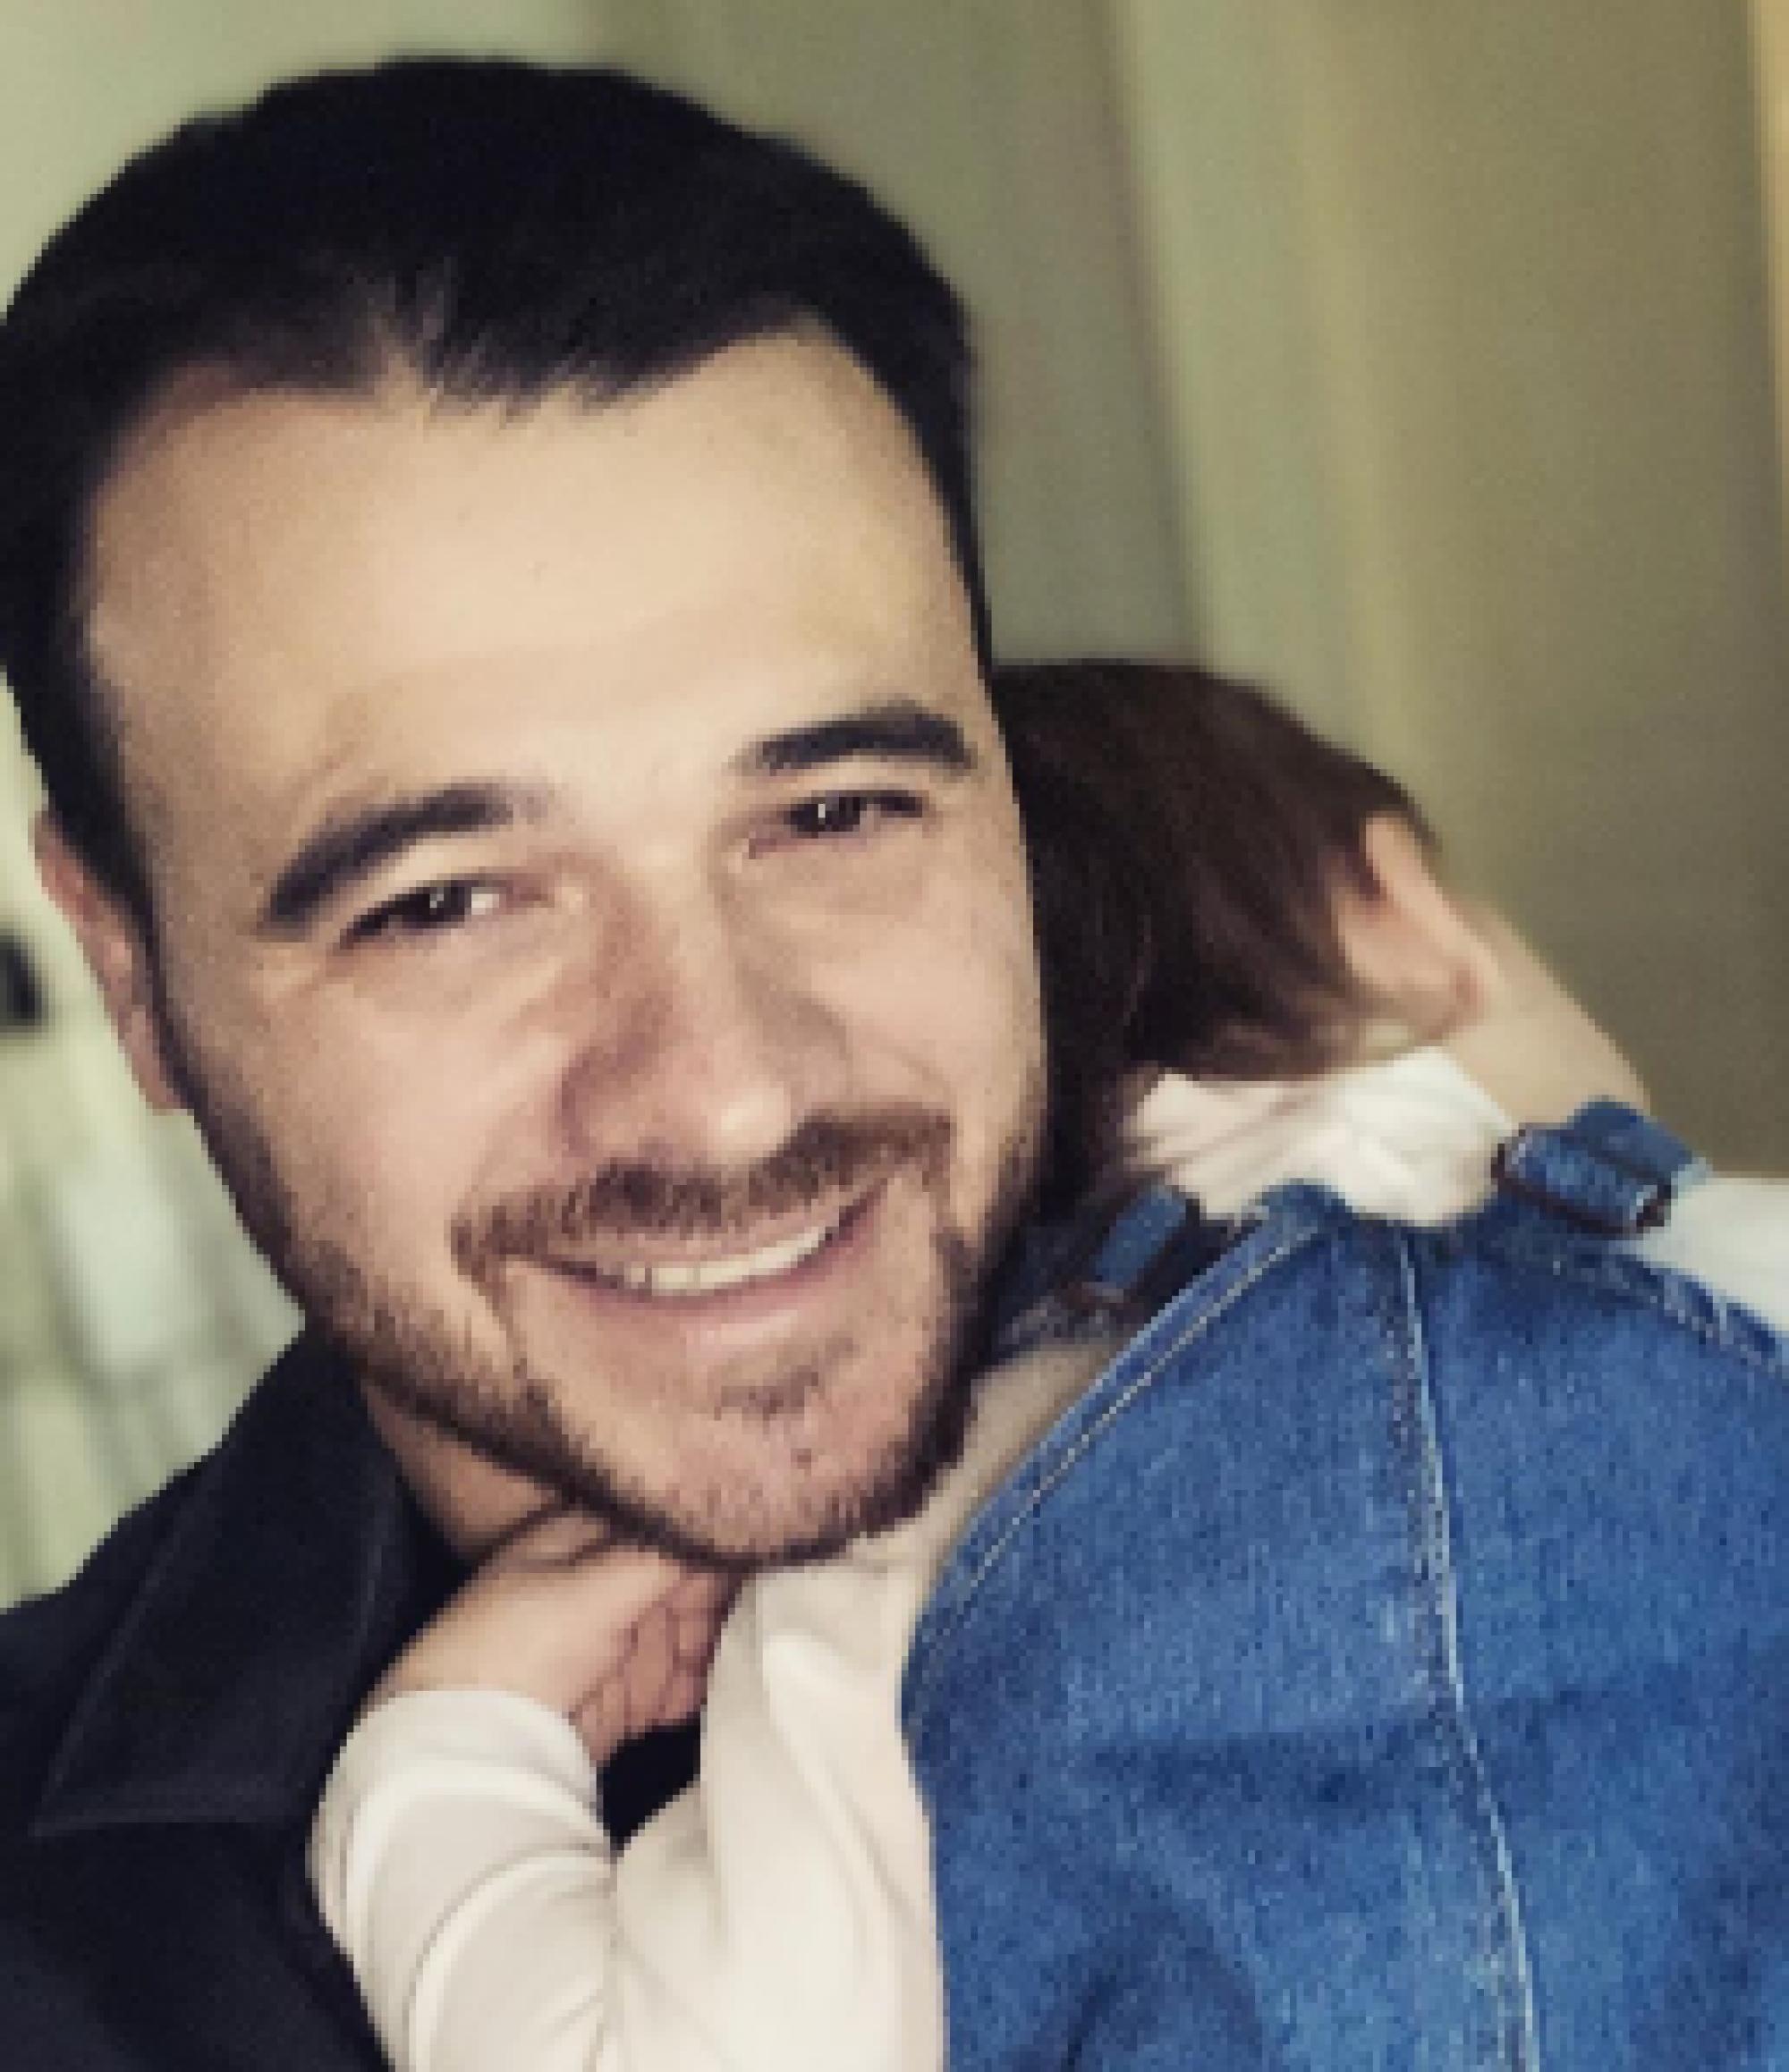 Певец Эмин объявил о втором разводе, поблагодарив супругу в соцсетях